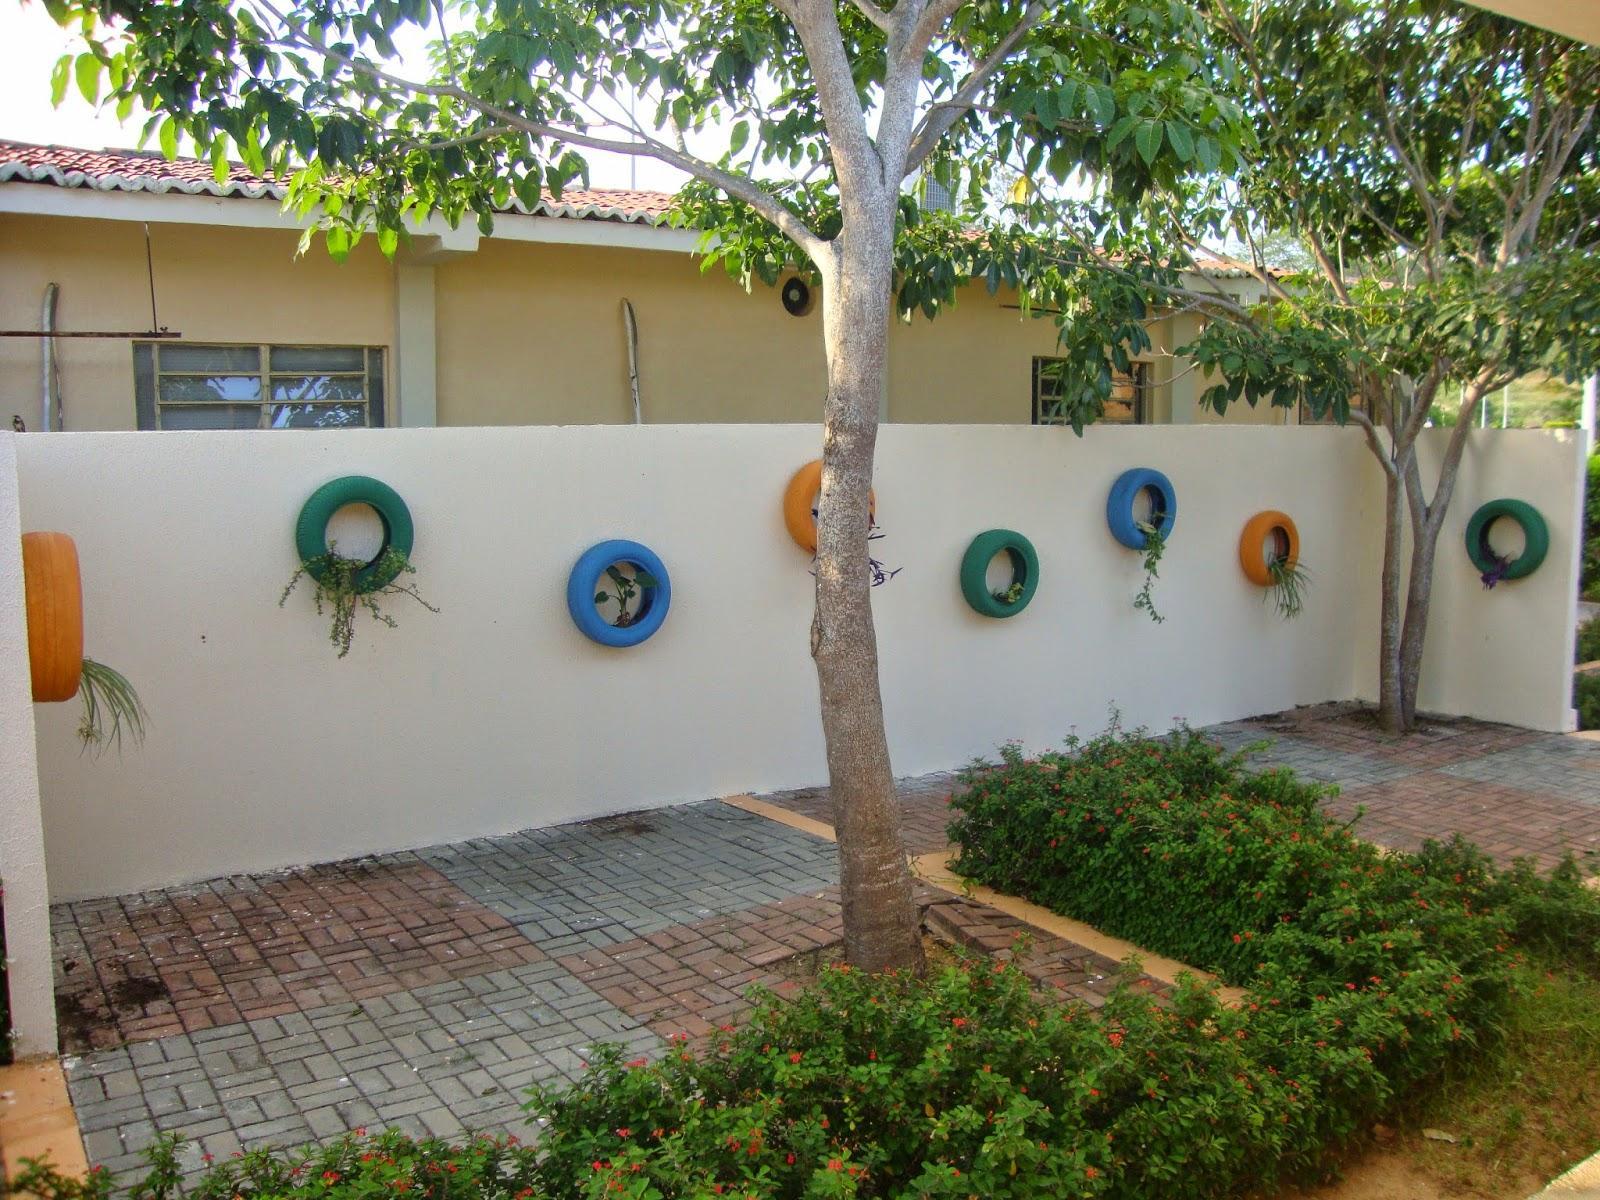 50 jardins com pneus fotos lindas e inspiradoras - Paredes de patios decoradas ...